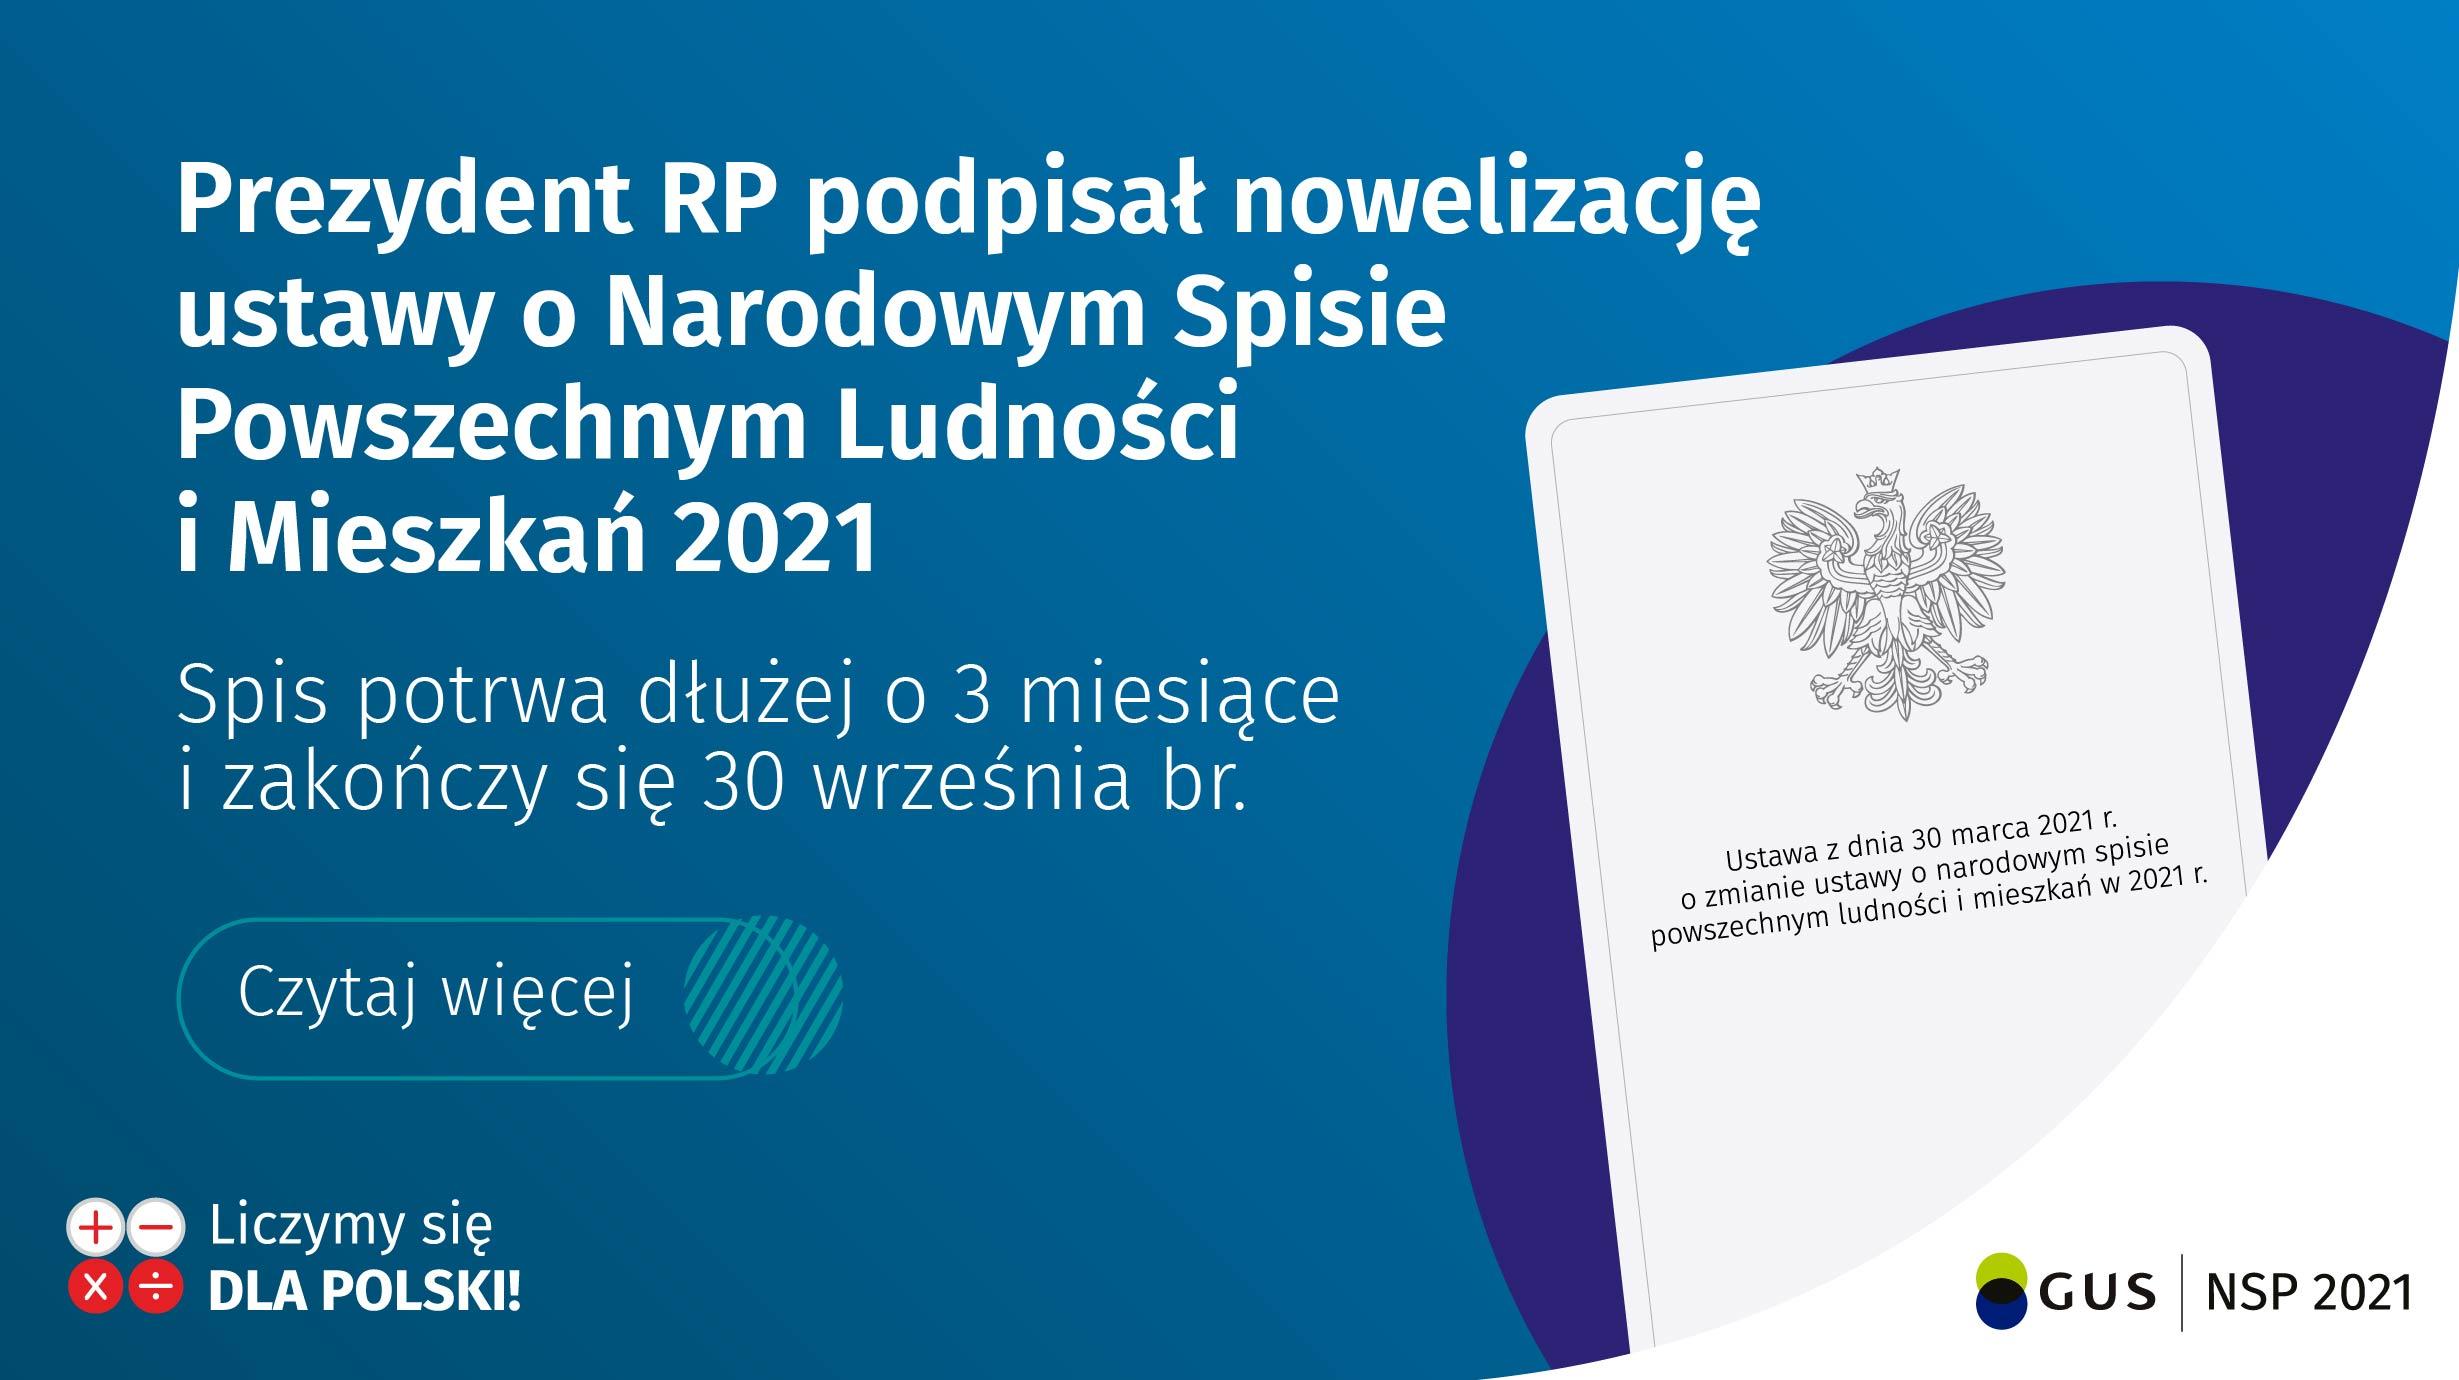 """""""Prezydent Andrzej Duda podpisał  1 kwietnia 2021 r. ustawę z dnia 30 marca 2021 r. o zmianie ustawy o narodowym spisie powszechnym ludności i mieszkań 2021."""